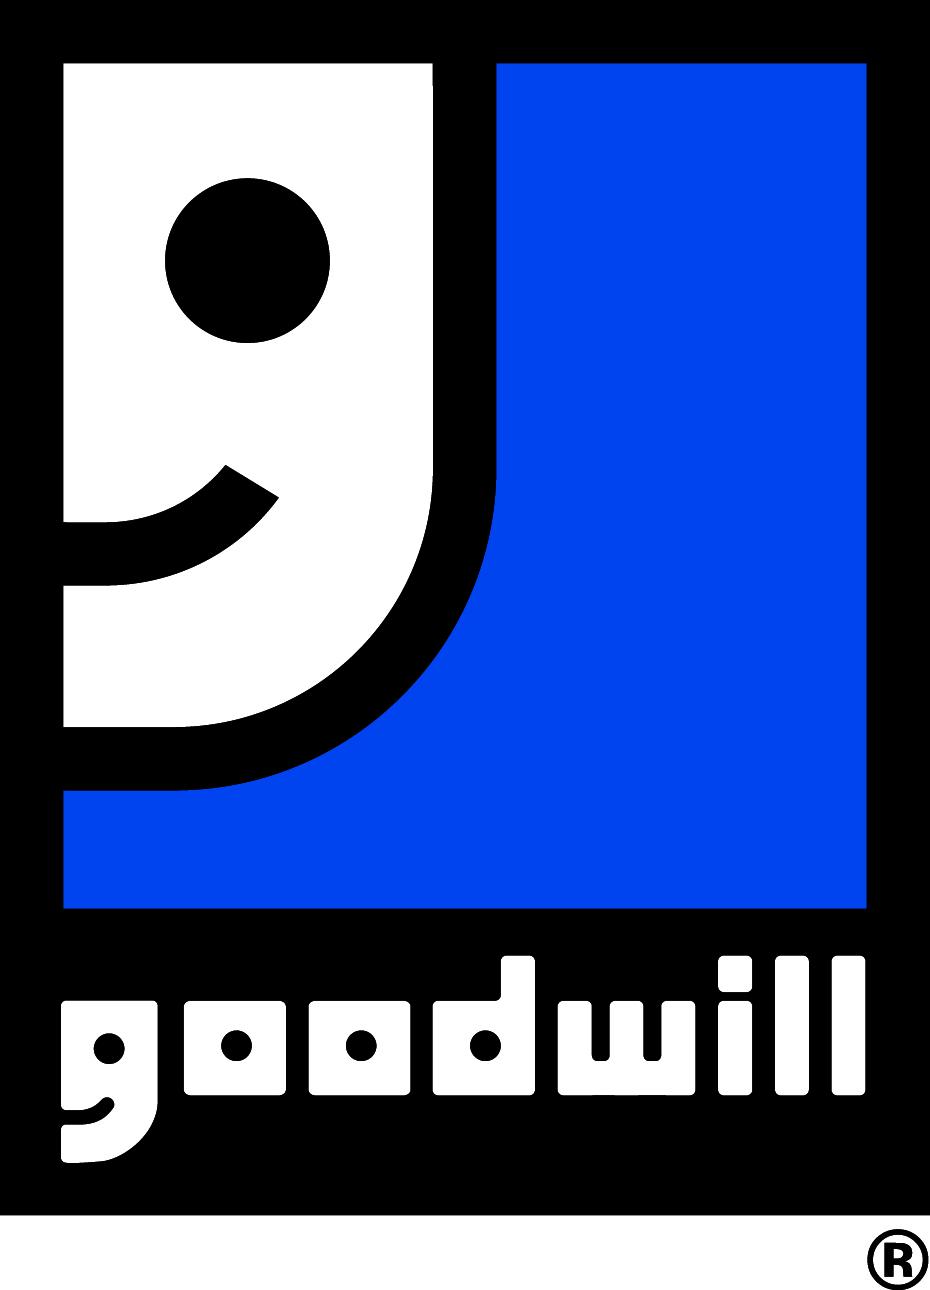 Logotipo de Goodwill